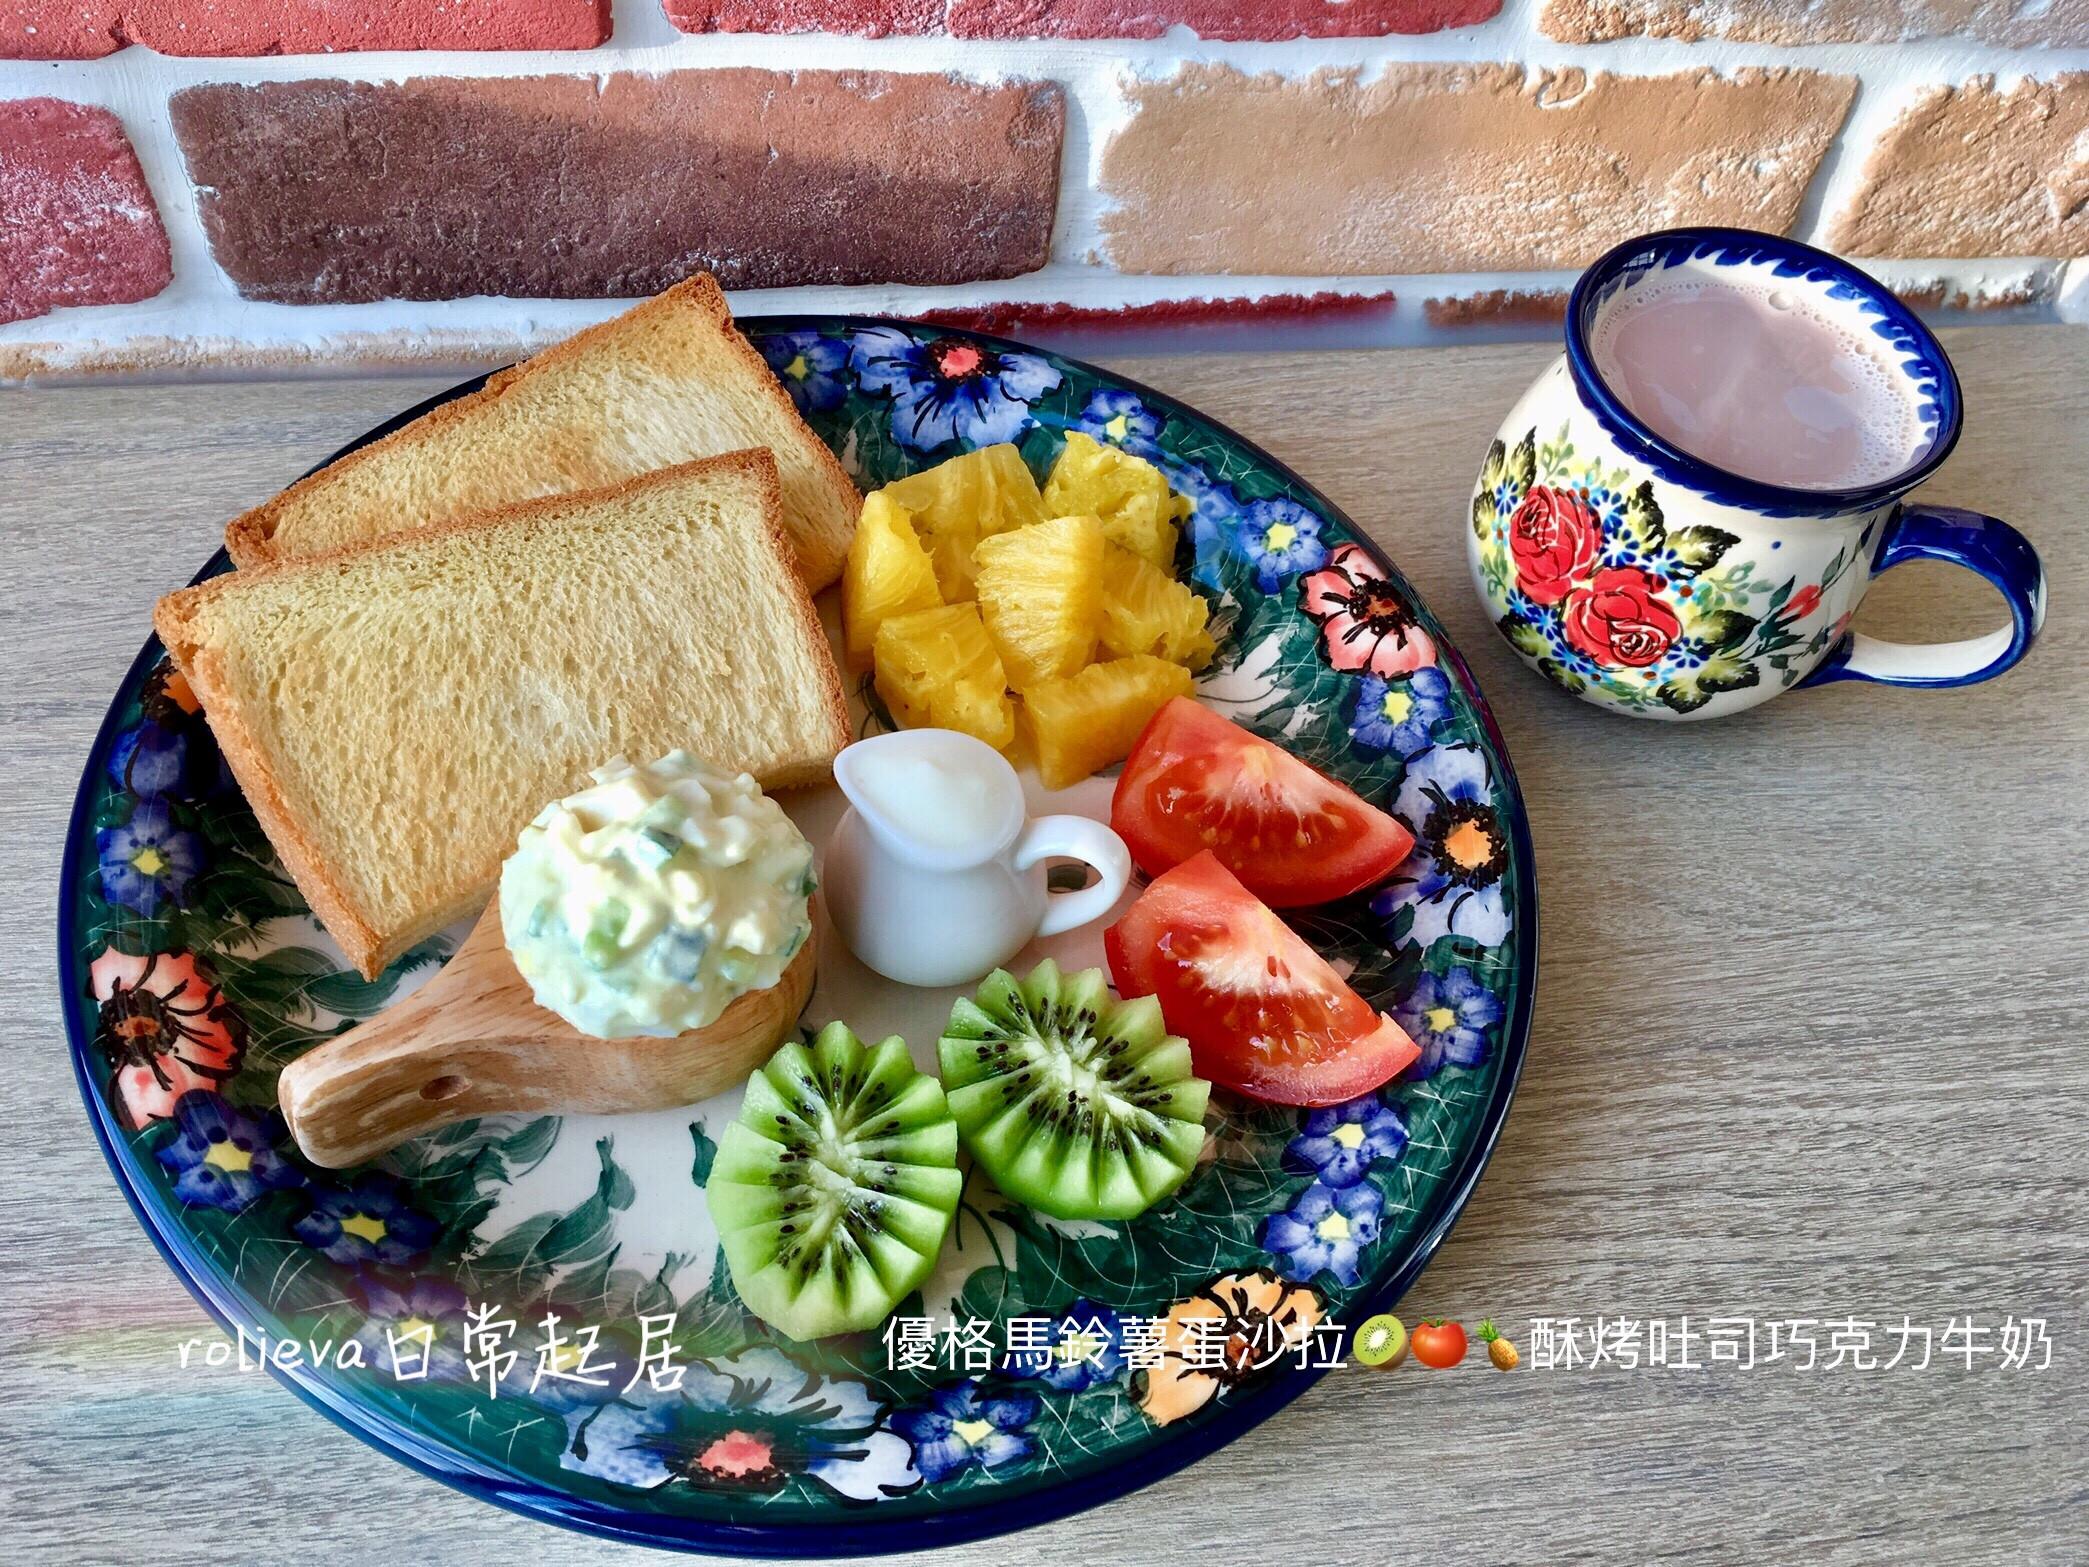 優格馬鈴薯蛋沙拉🥝🍅🍍酥烤吐司牛奶